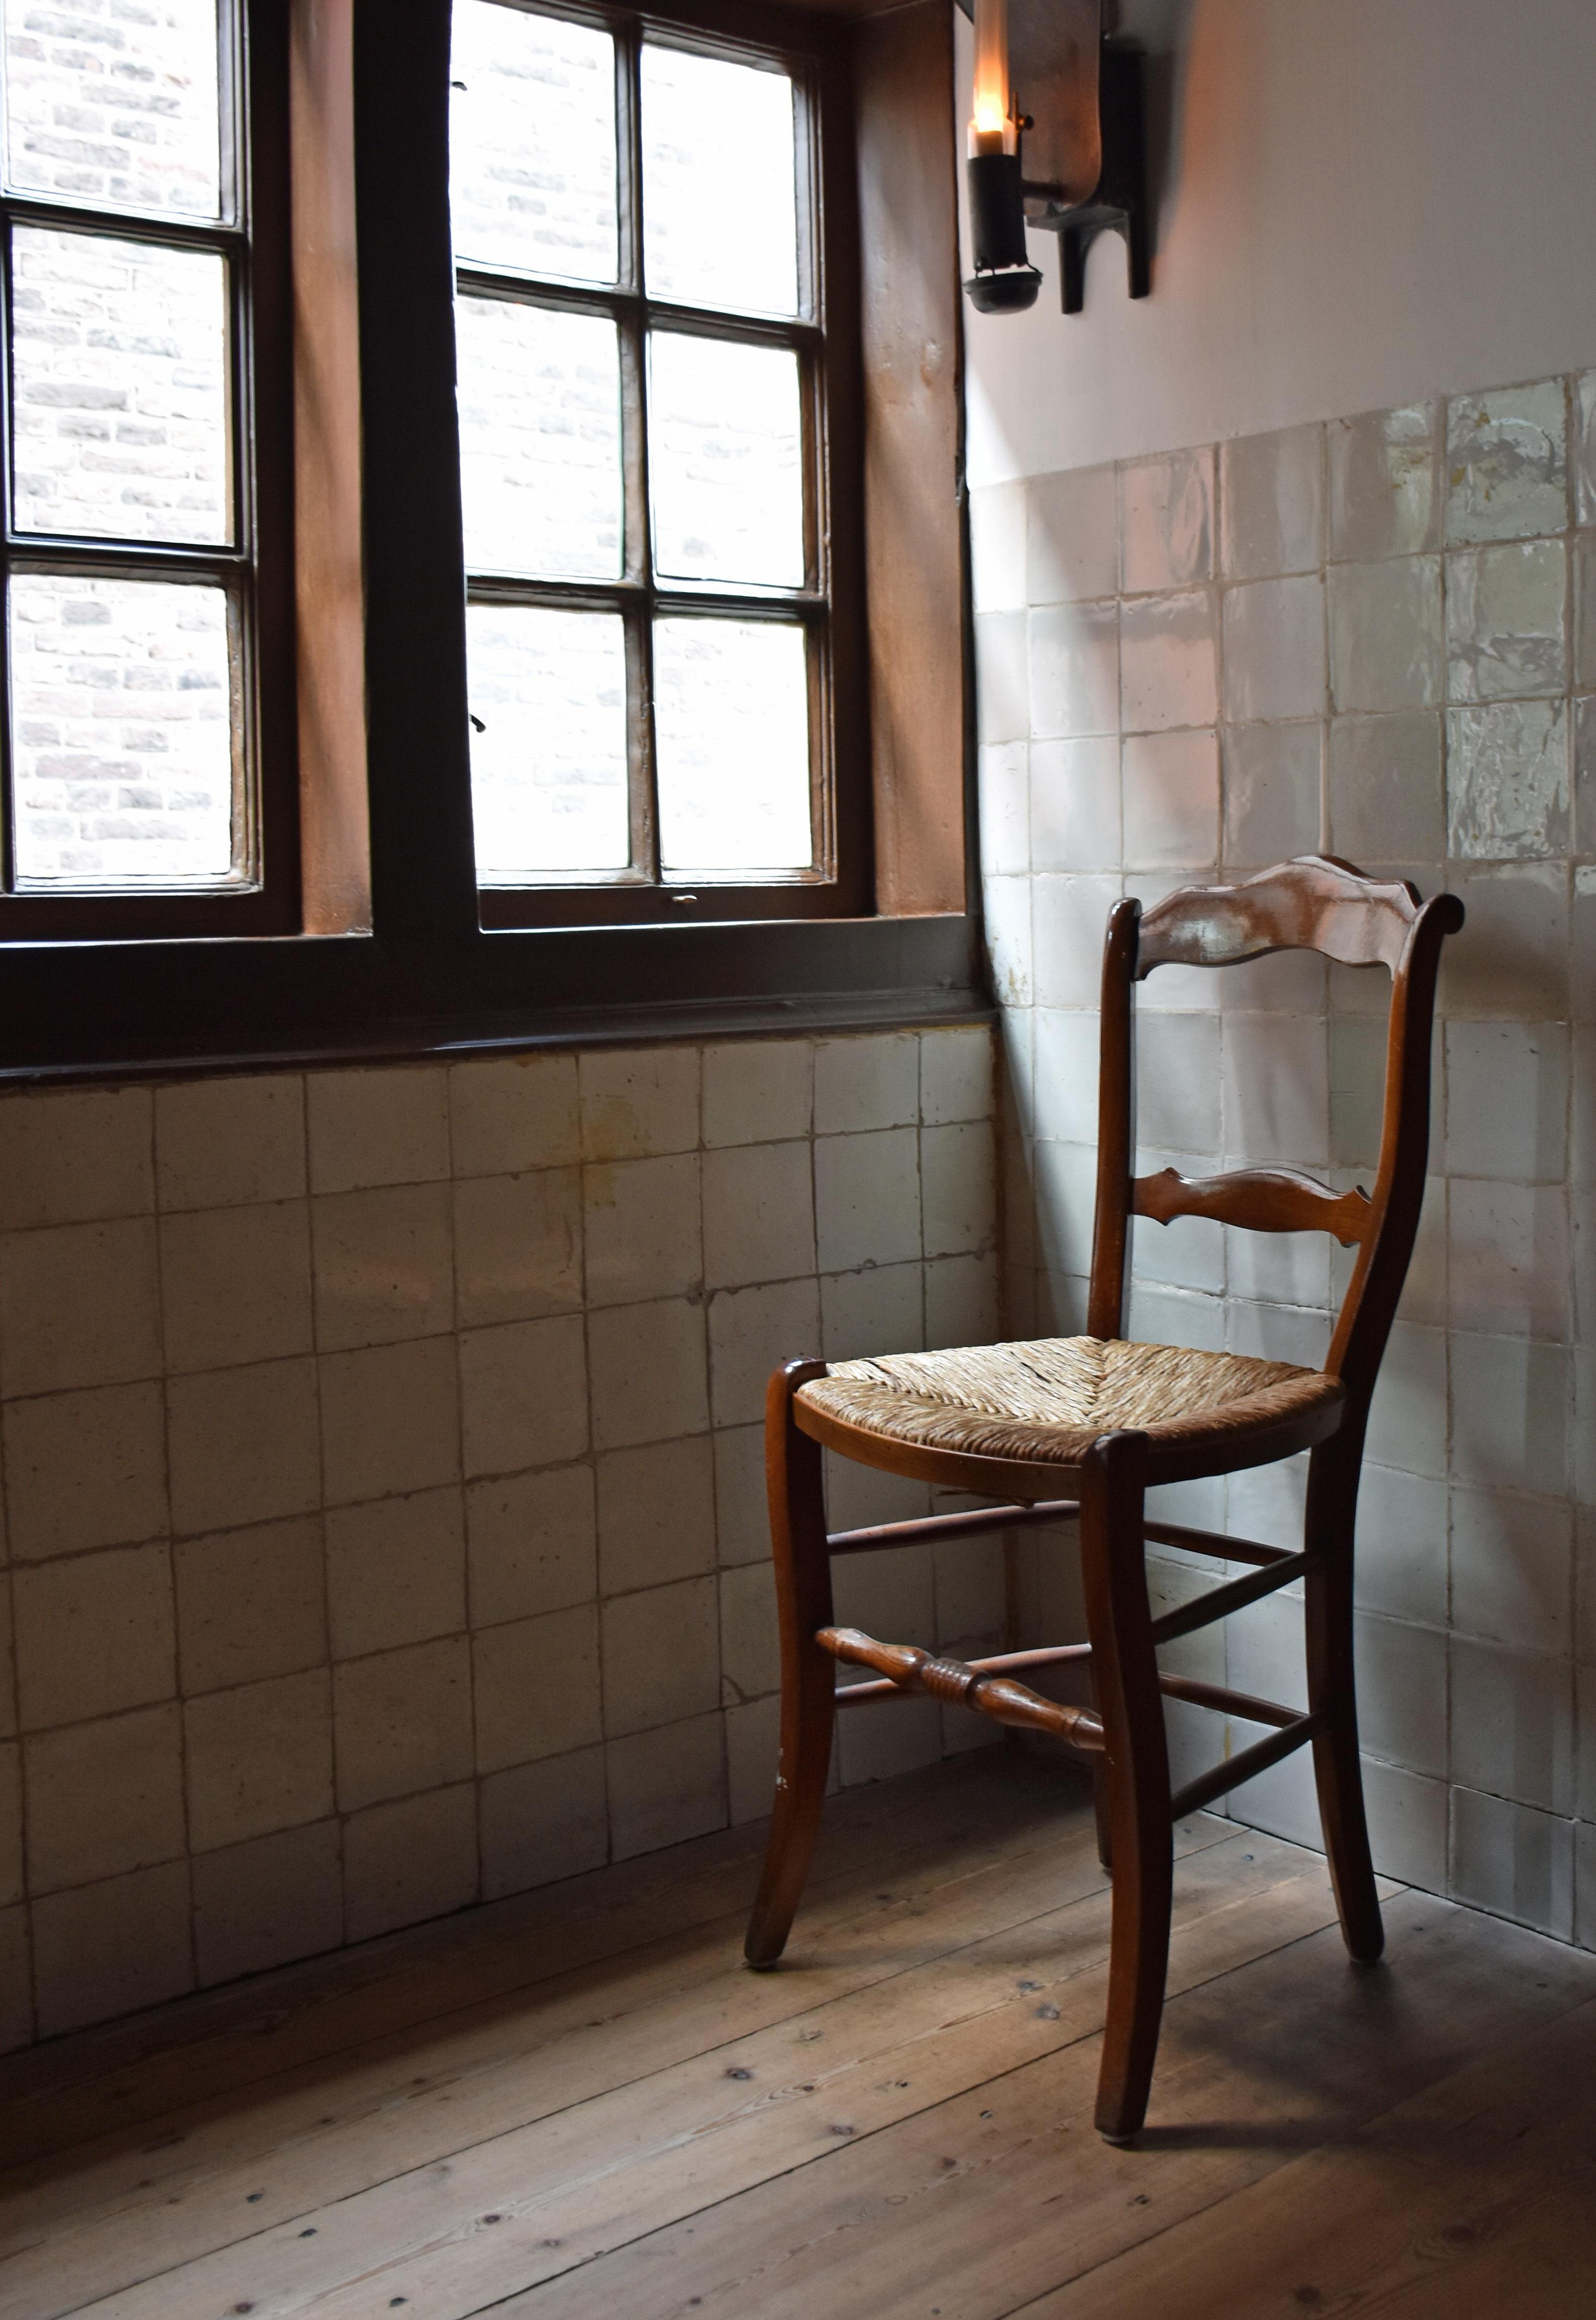 Gratis Afbeeldingen : tafel, hout, huis, stoel, verdieping, venster ...